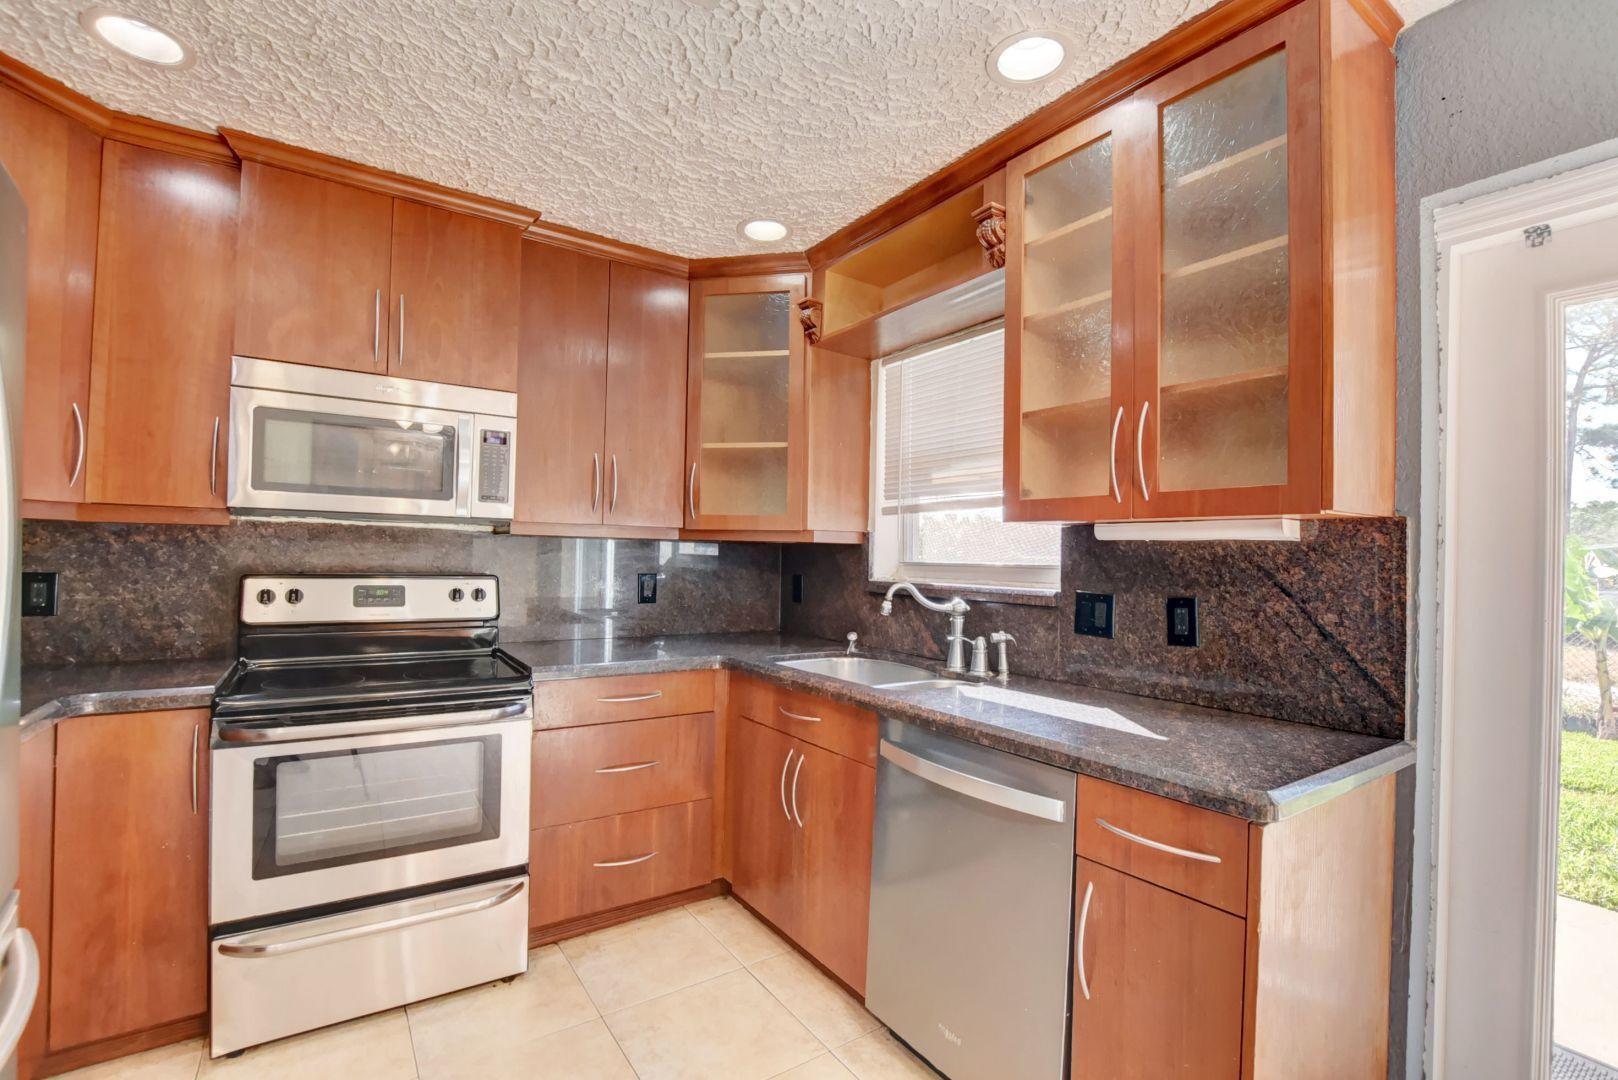 134 SE 31st Avenue  For Sale 10747453, FL